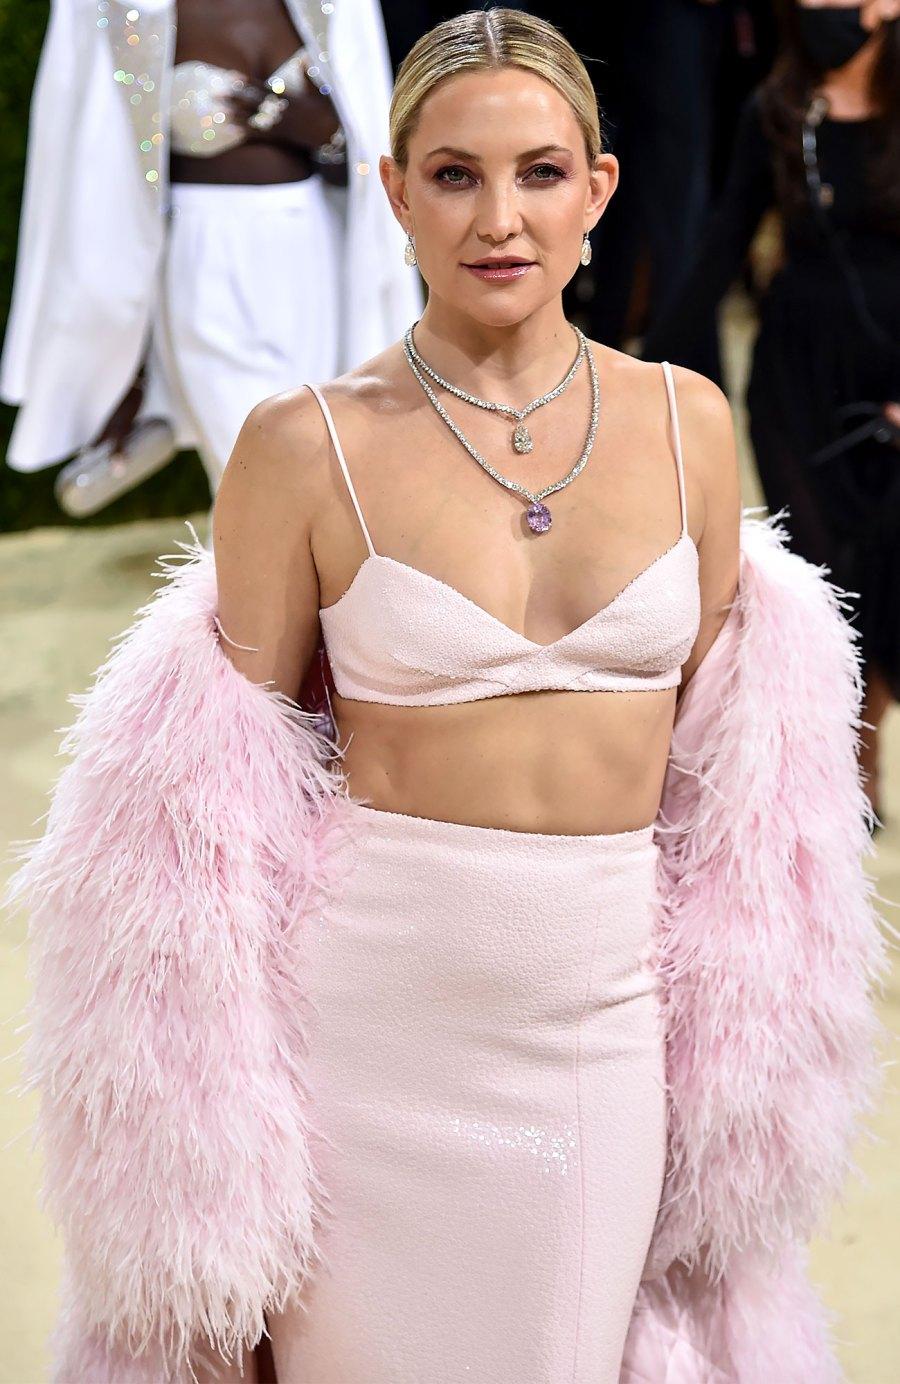 Met Gala 2021 Kate Hudson Is All Smiles at Met Gala Amid Danny Fujikawa Engagement: Pics